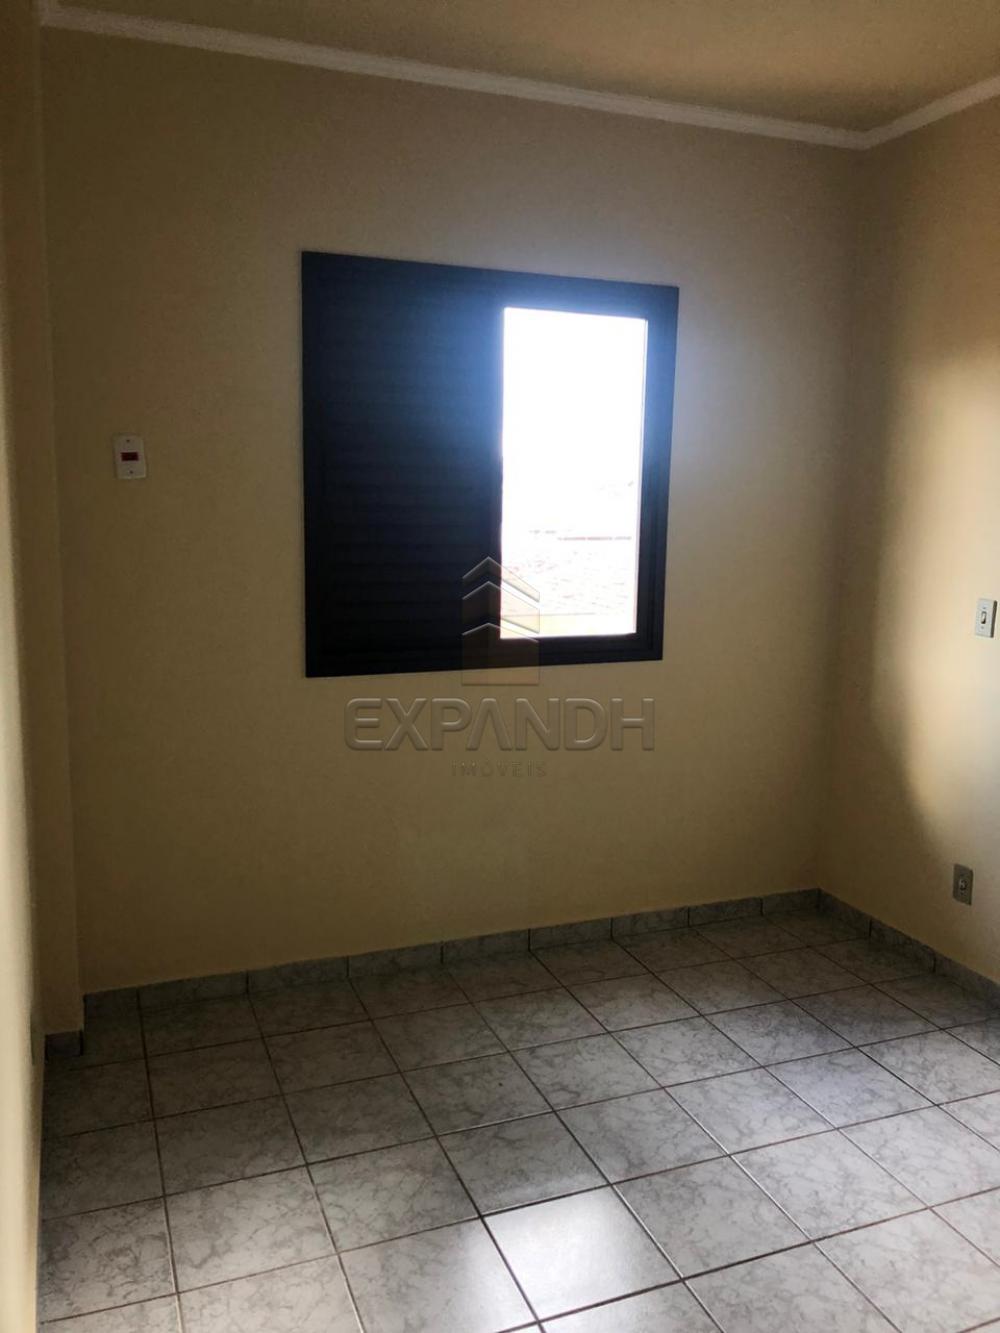 Alugar Apartamentos / Padrão em Sertãozinho R$ 700,00 - Foto 4